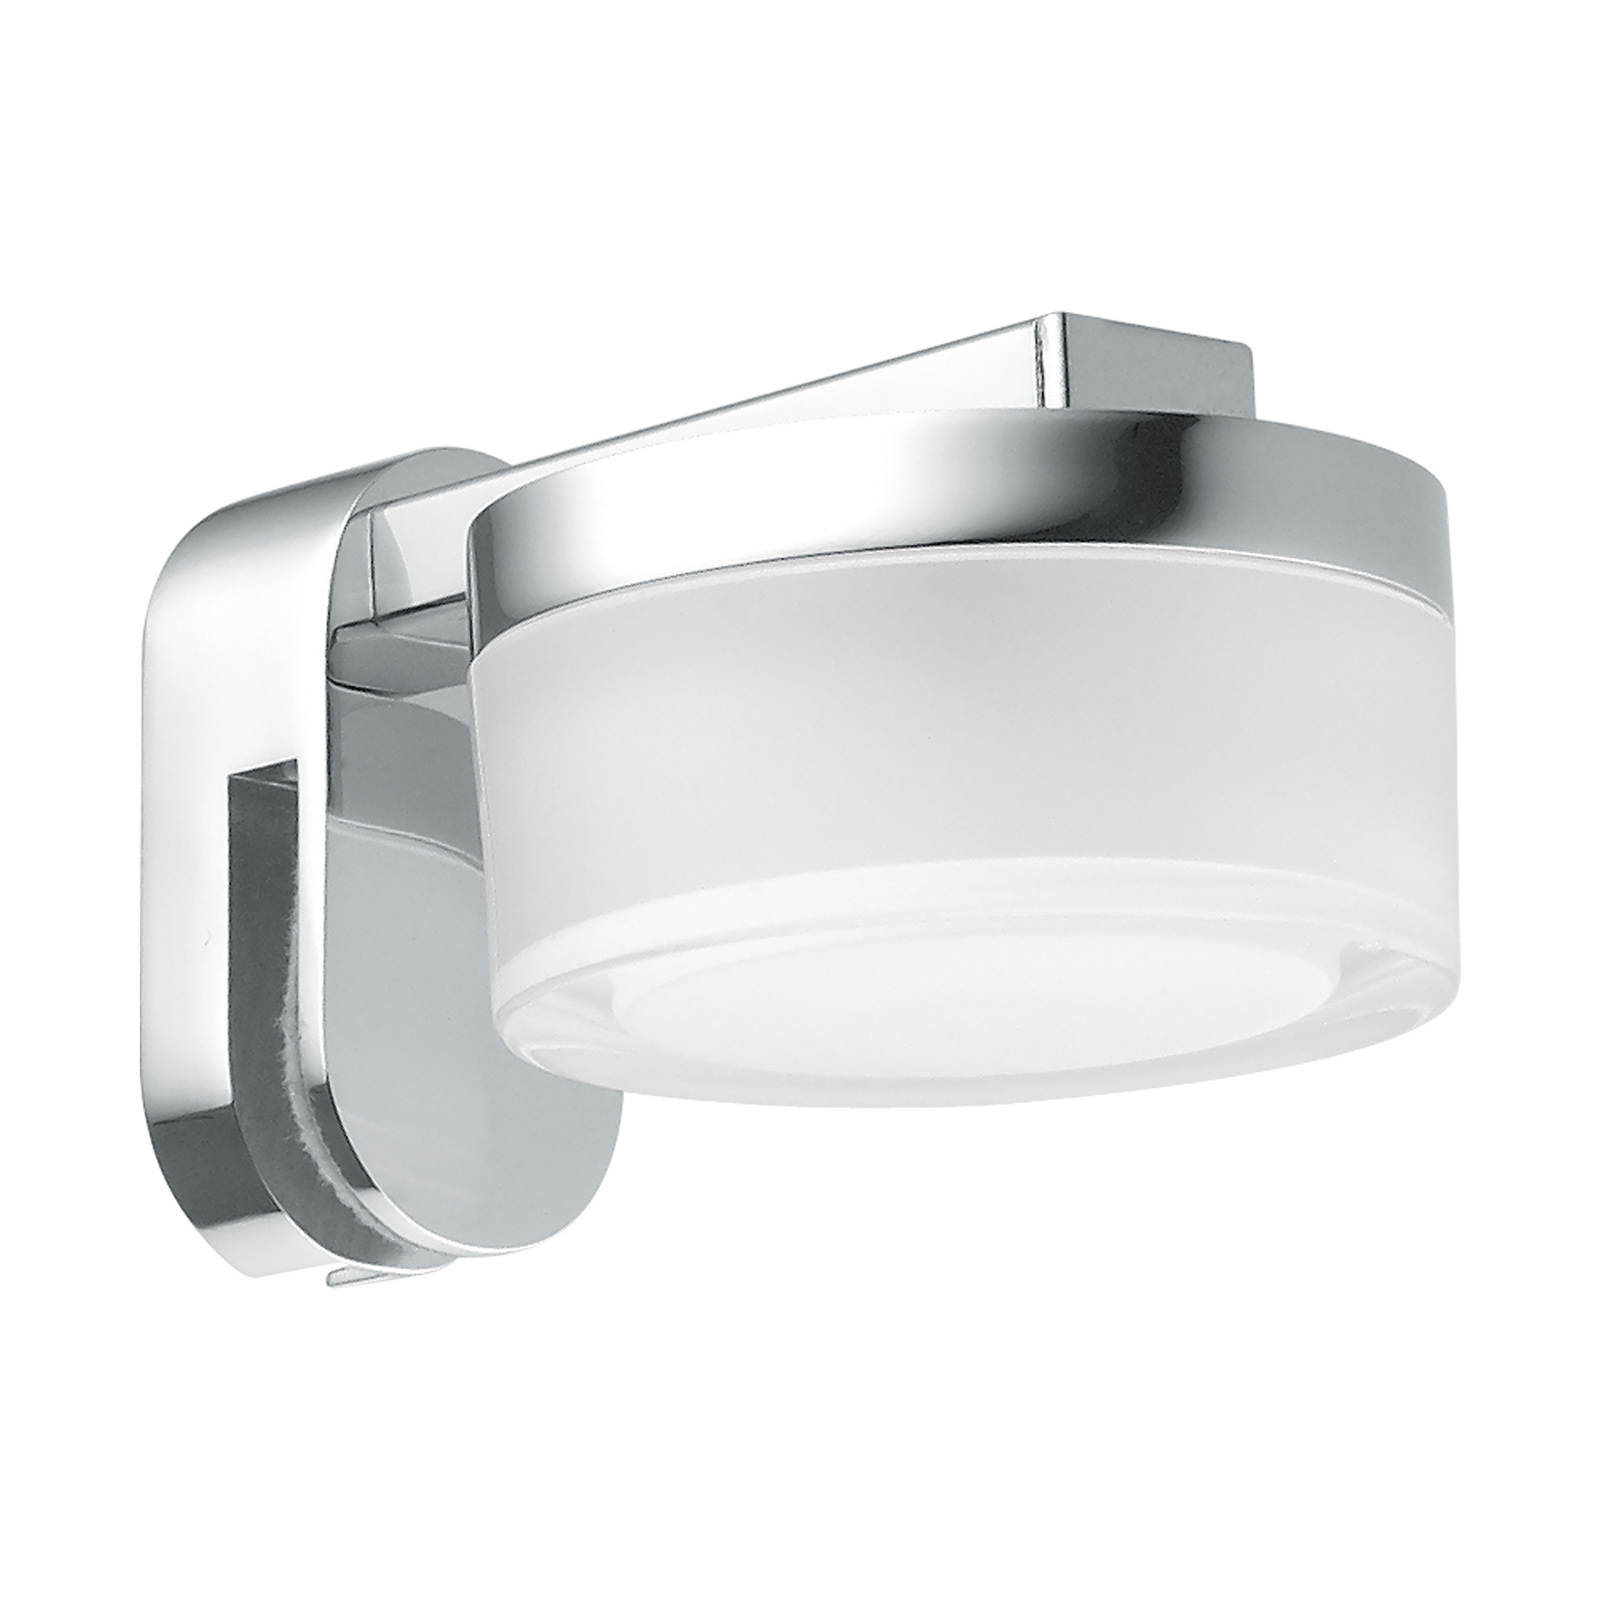 Romendo LED-speillys til påsetting